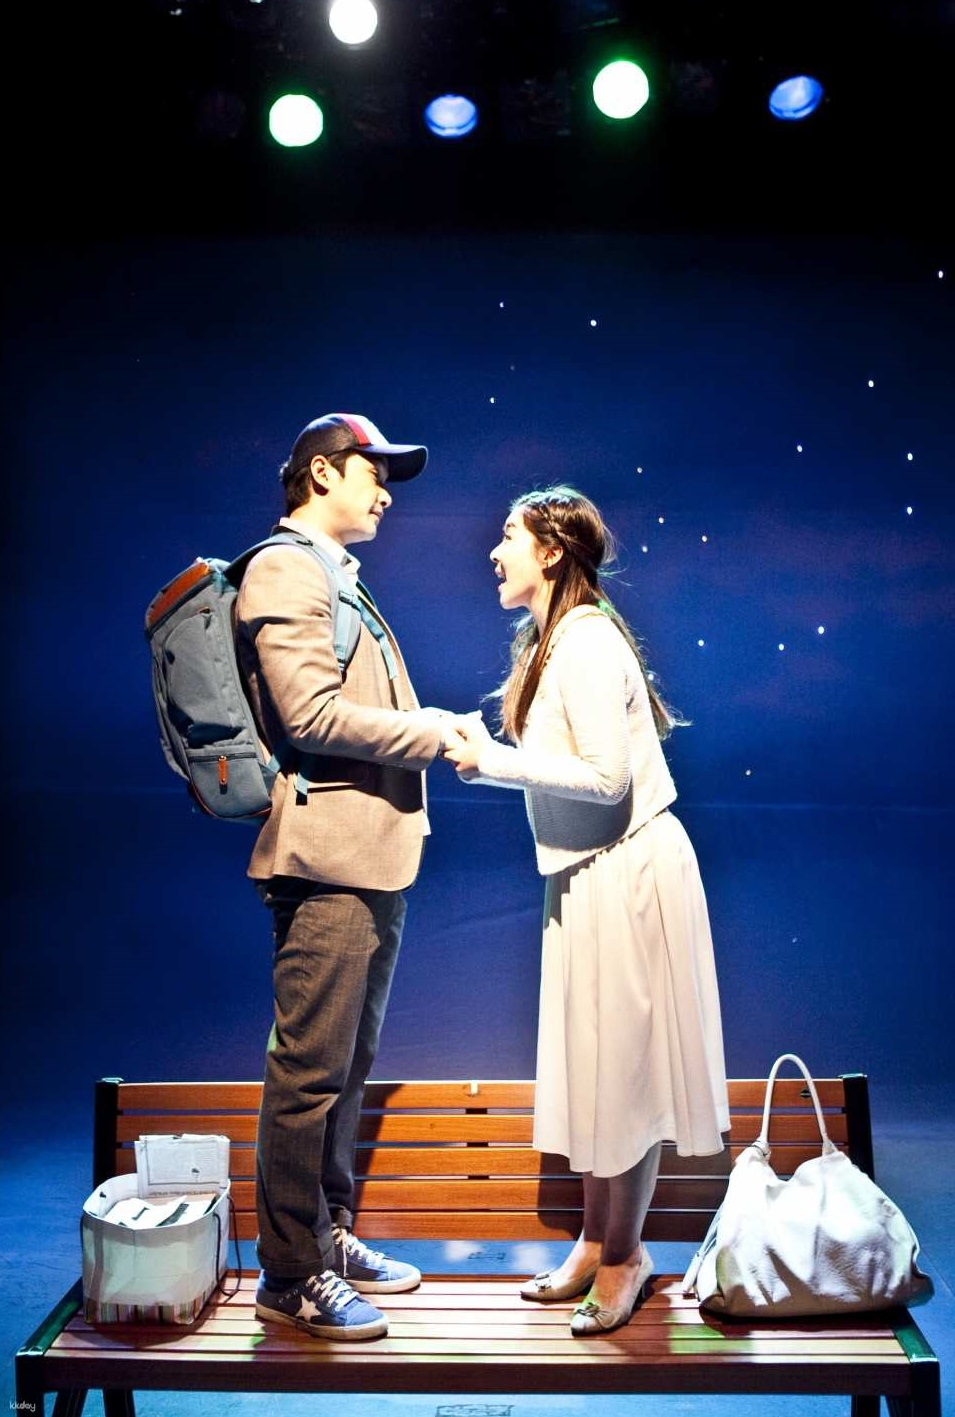 Biểu diễn nhạc kịch Only You tại Seoul